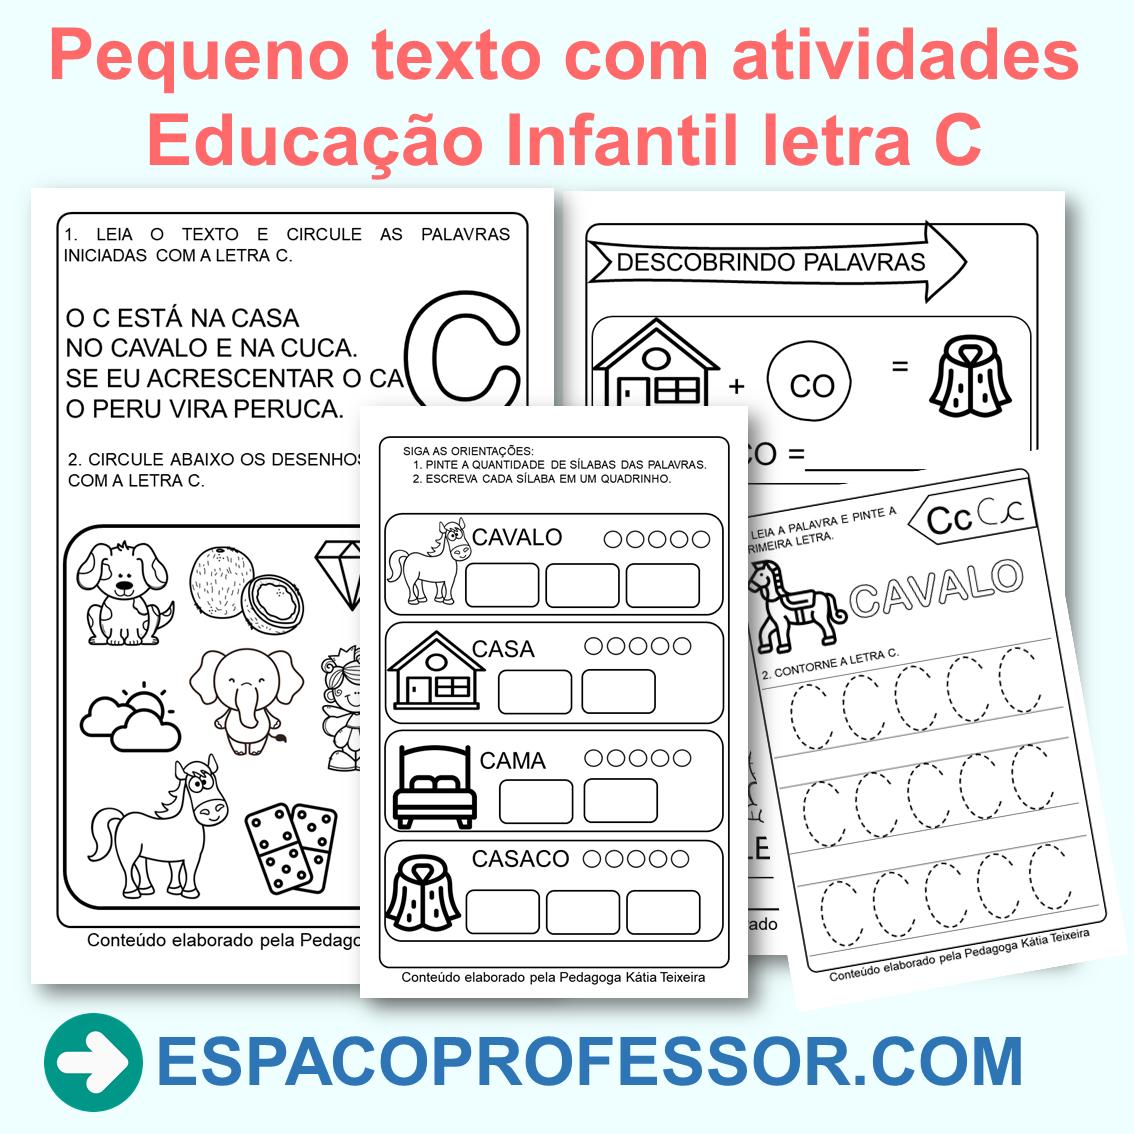 Pequeno texto com atividades Educação Infantil letra C